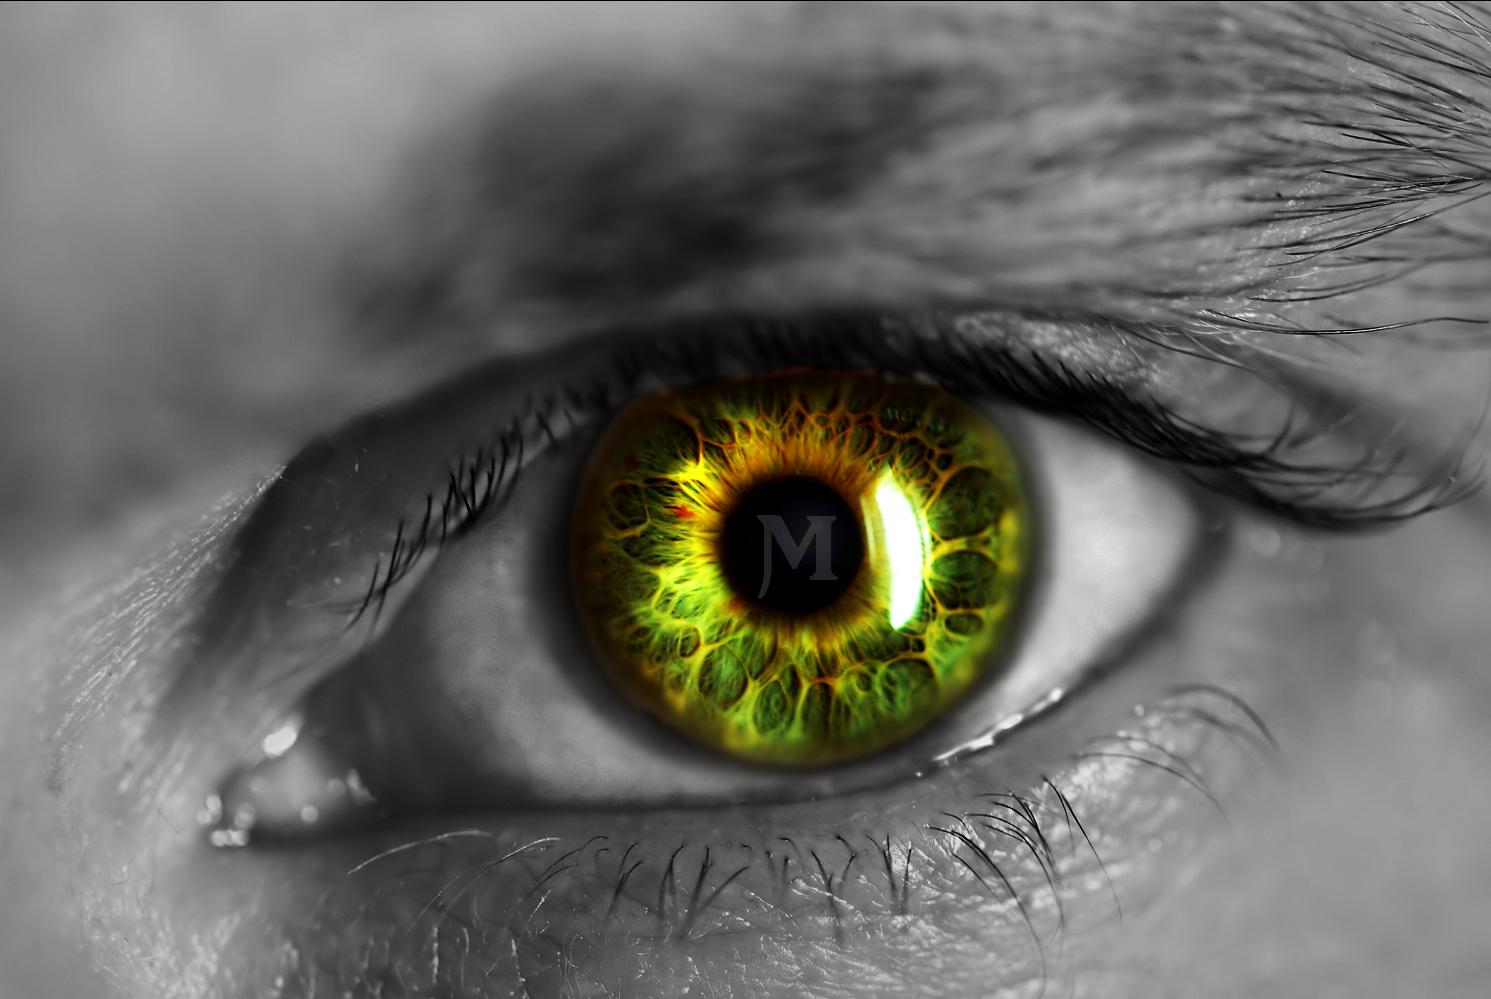 green eyes wallpaper,eye,iris,close up,green,organ